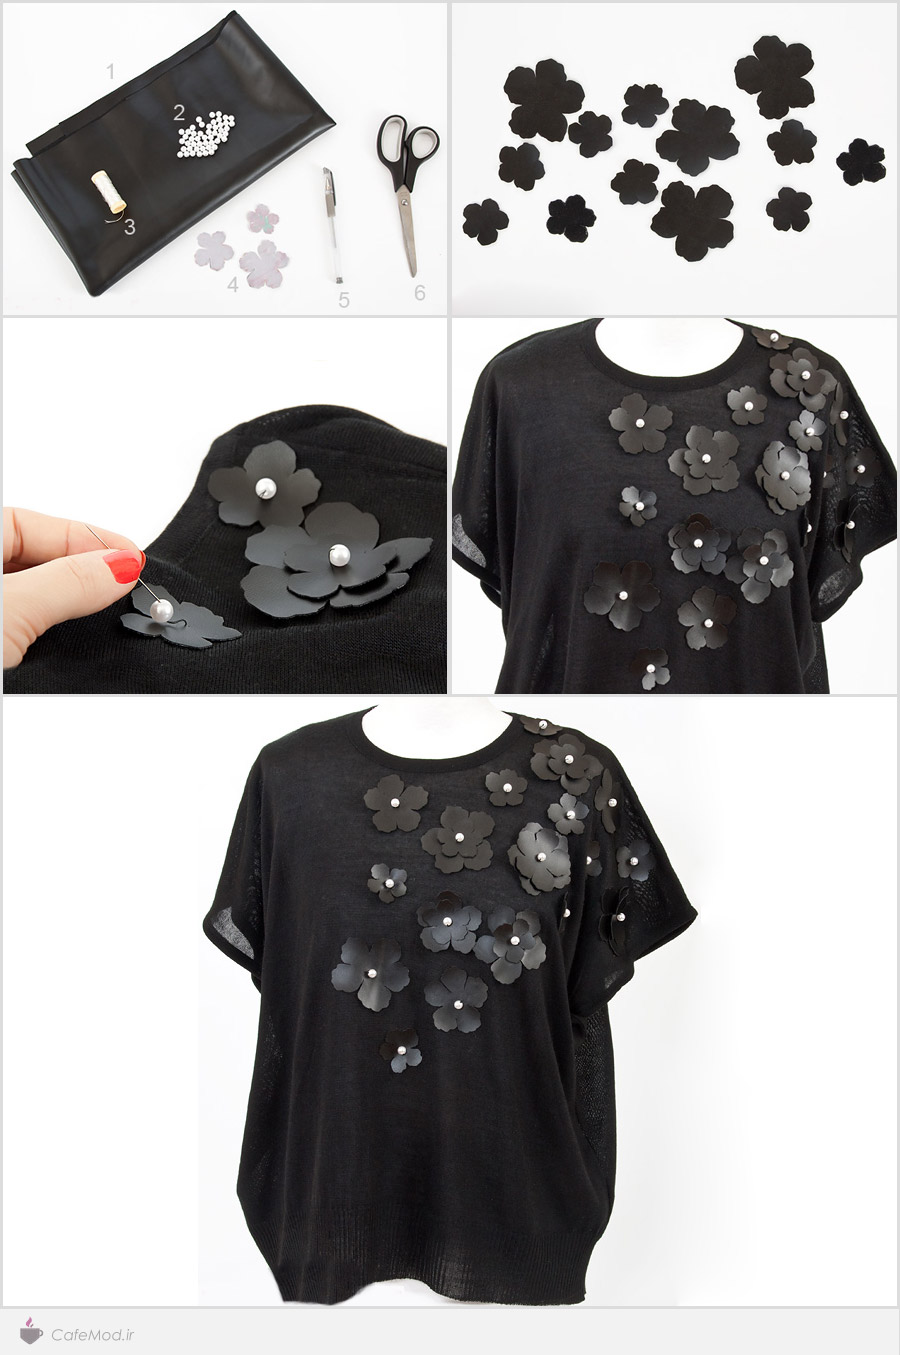 آموزش گلدار کردن لباس